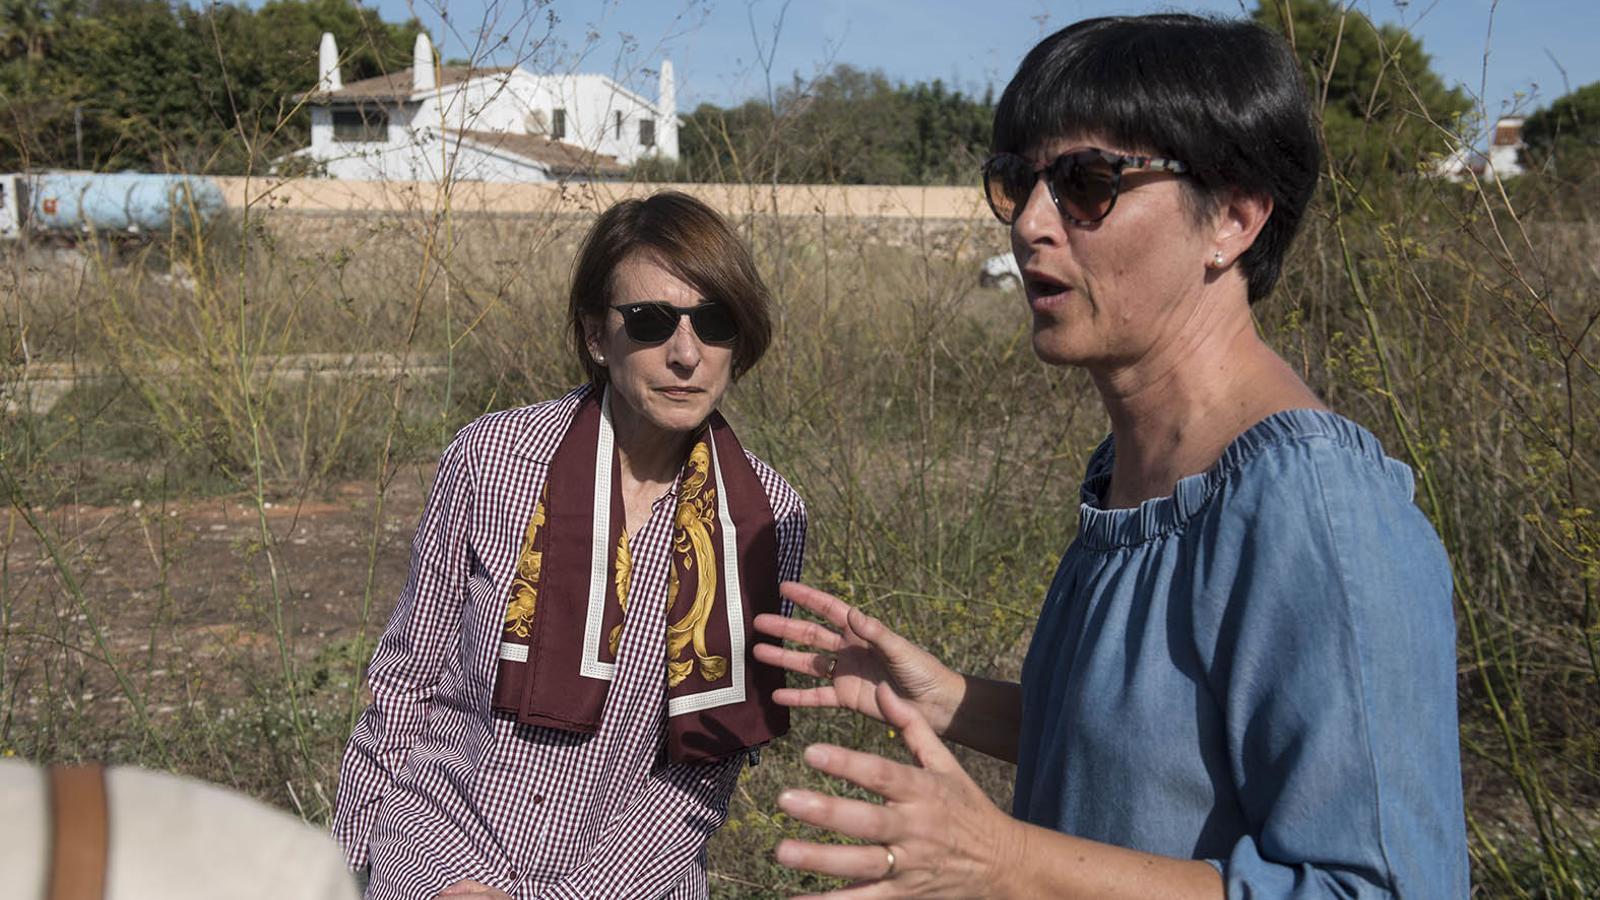 Cristina Latorre i Joana Gomila han mostrat bona sintonia a la visita realitzada als terrenys de Santa Rita.